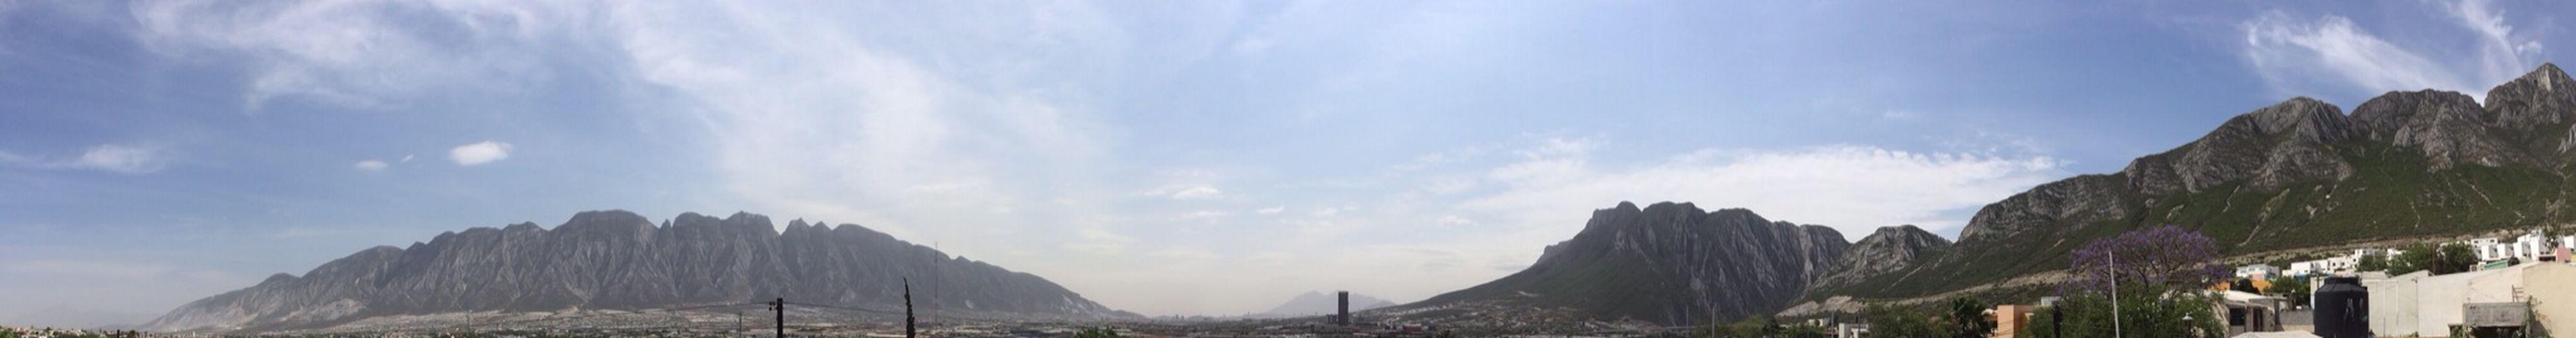 Santa Catarina bonita panorámica desde mi casa por esos cerros amo mty